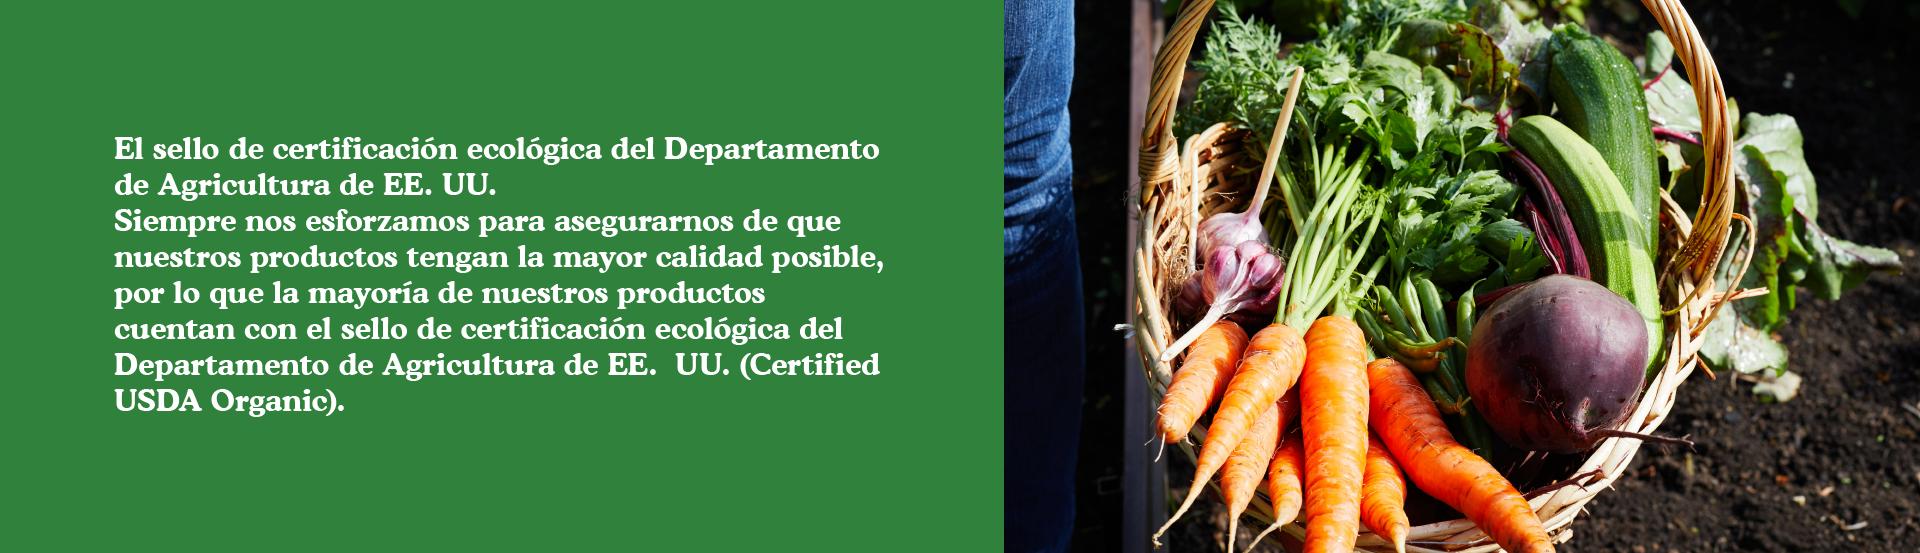 El sello de certificación USDA